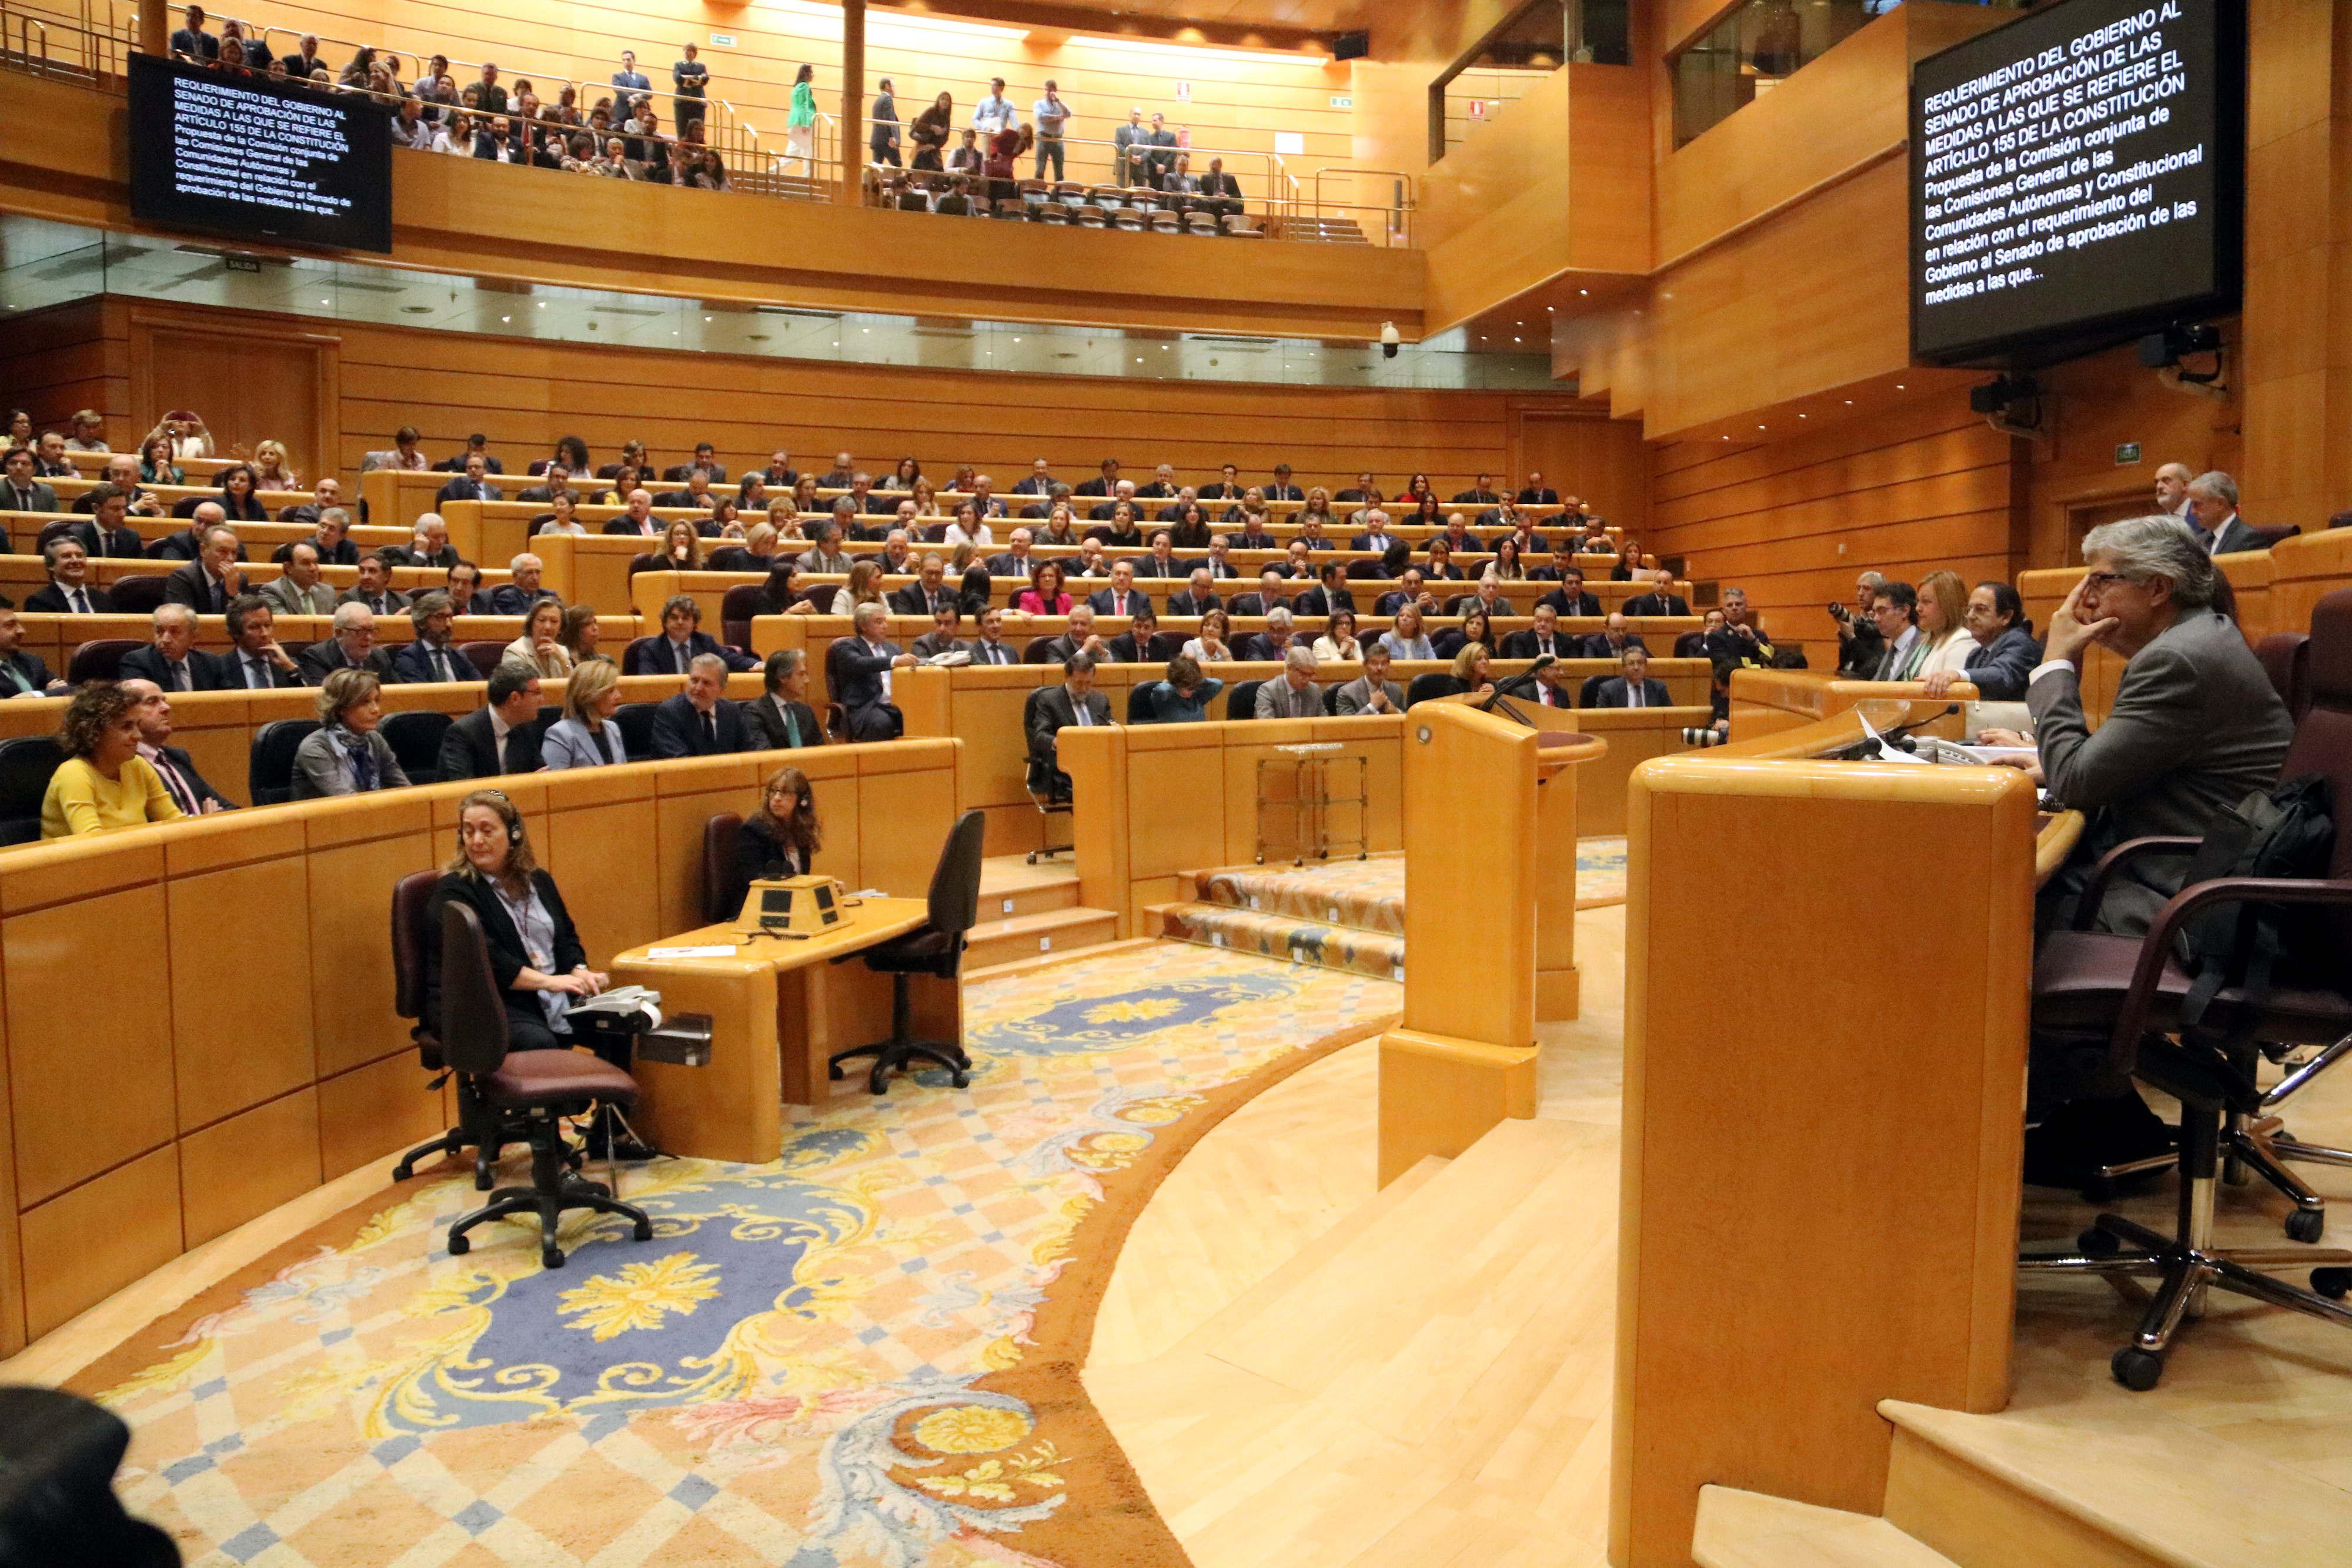 El Senat aprova el permís al govern espanyol per aplicar l'article 155 amb 214 vots a favor, 47 en contra i una abstenció